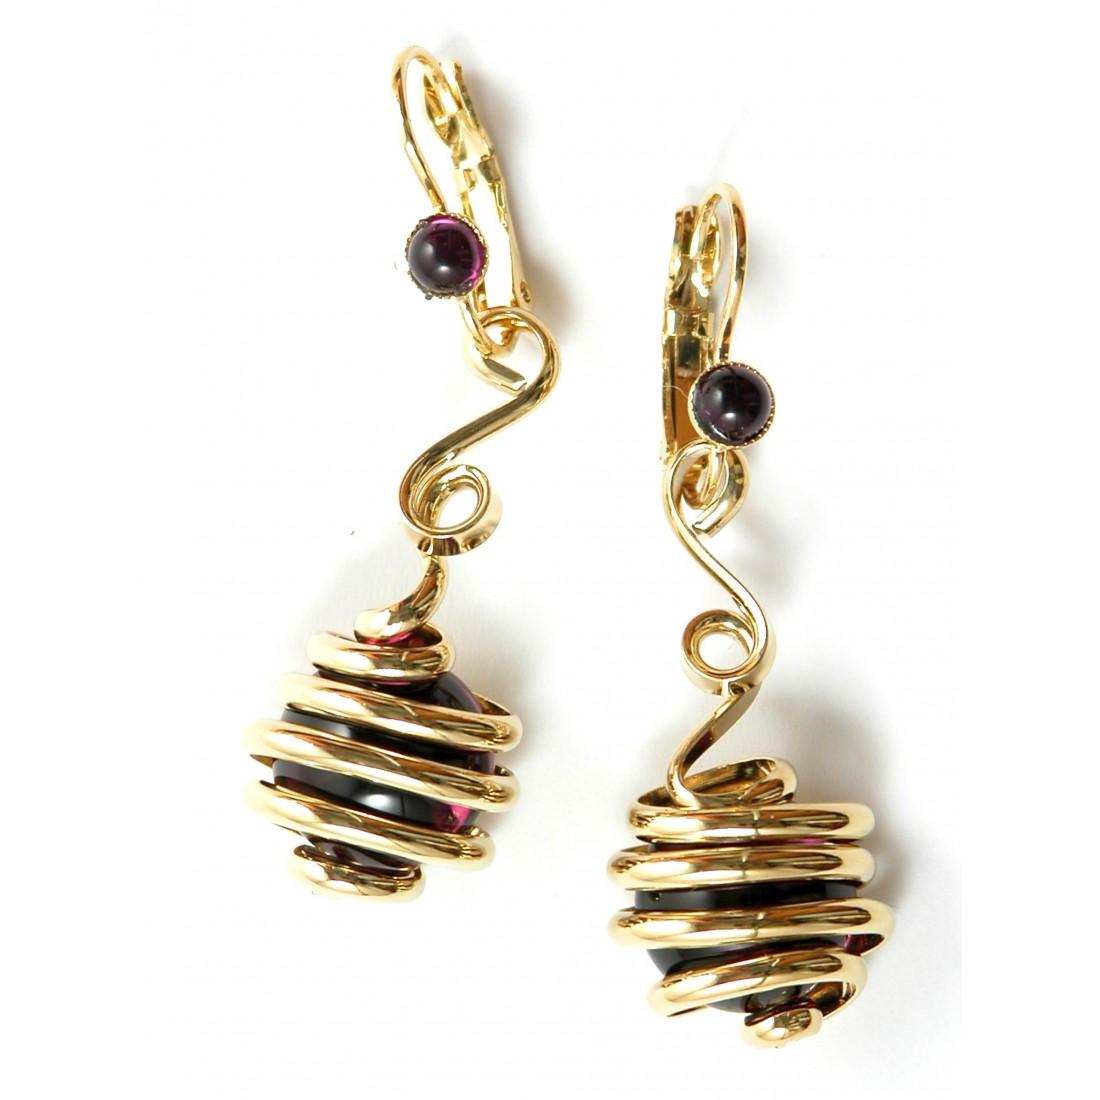 Bijoux artisanaux-créateur français-boucles d'oreilles